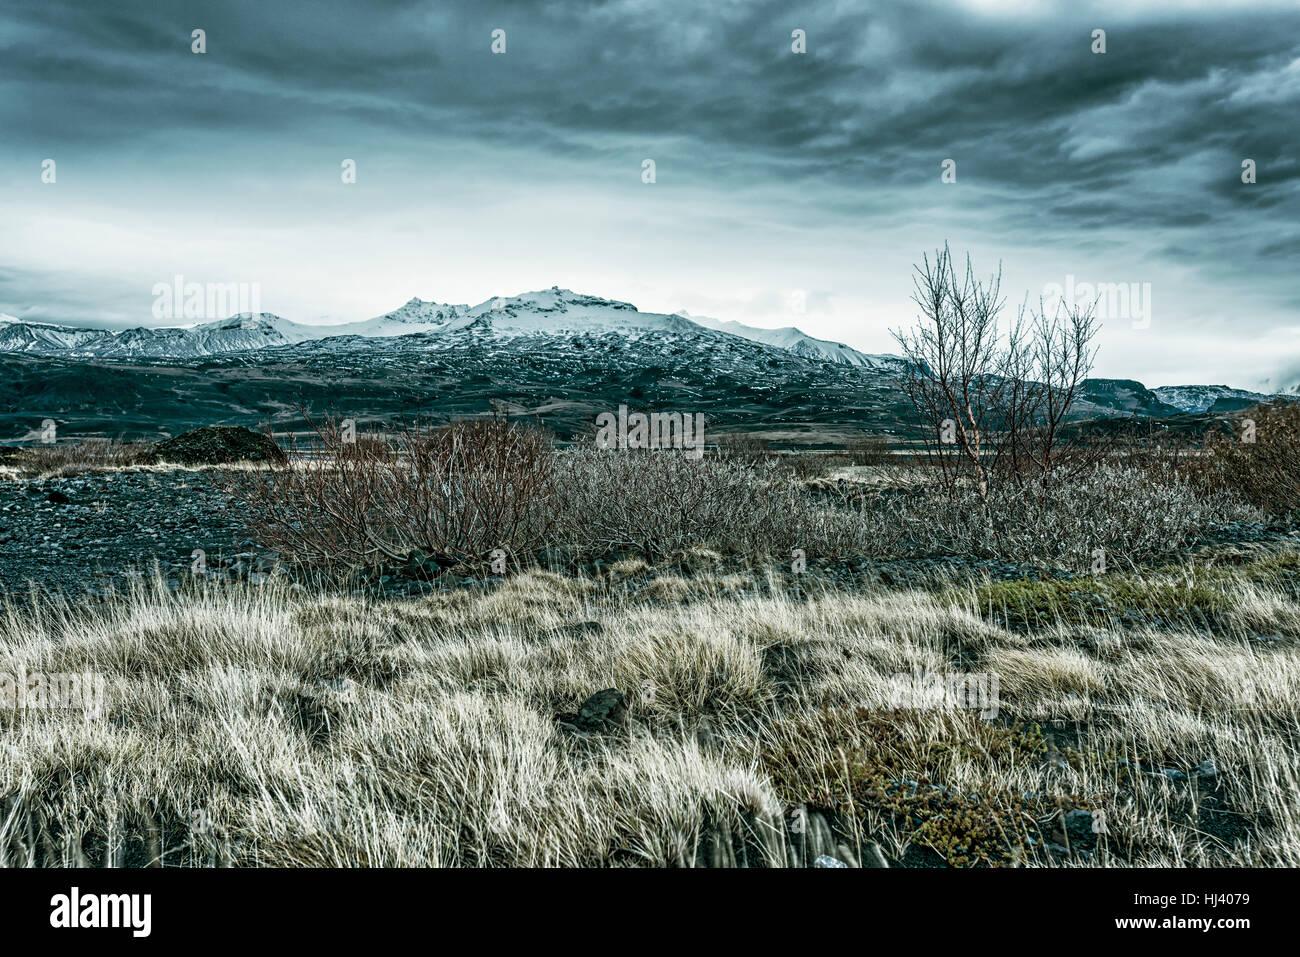 Désert montagne campagne en Islande au cours d'un après-midi orageux montre l'aspect d'un Photo Stock